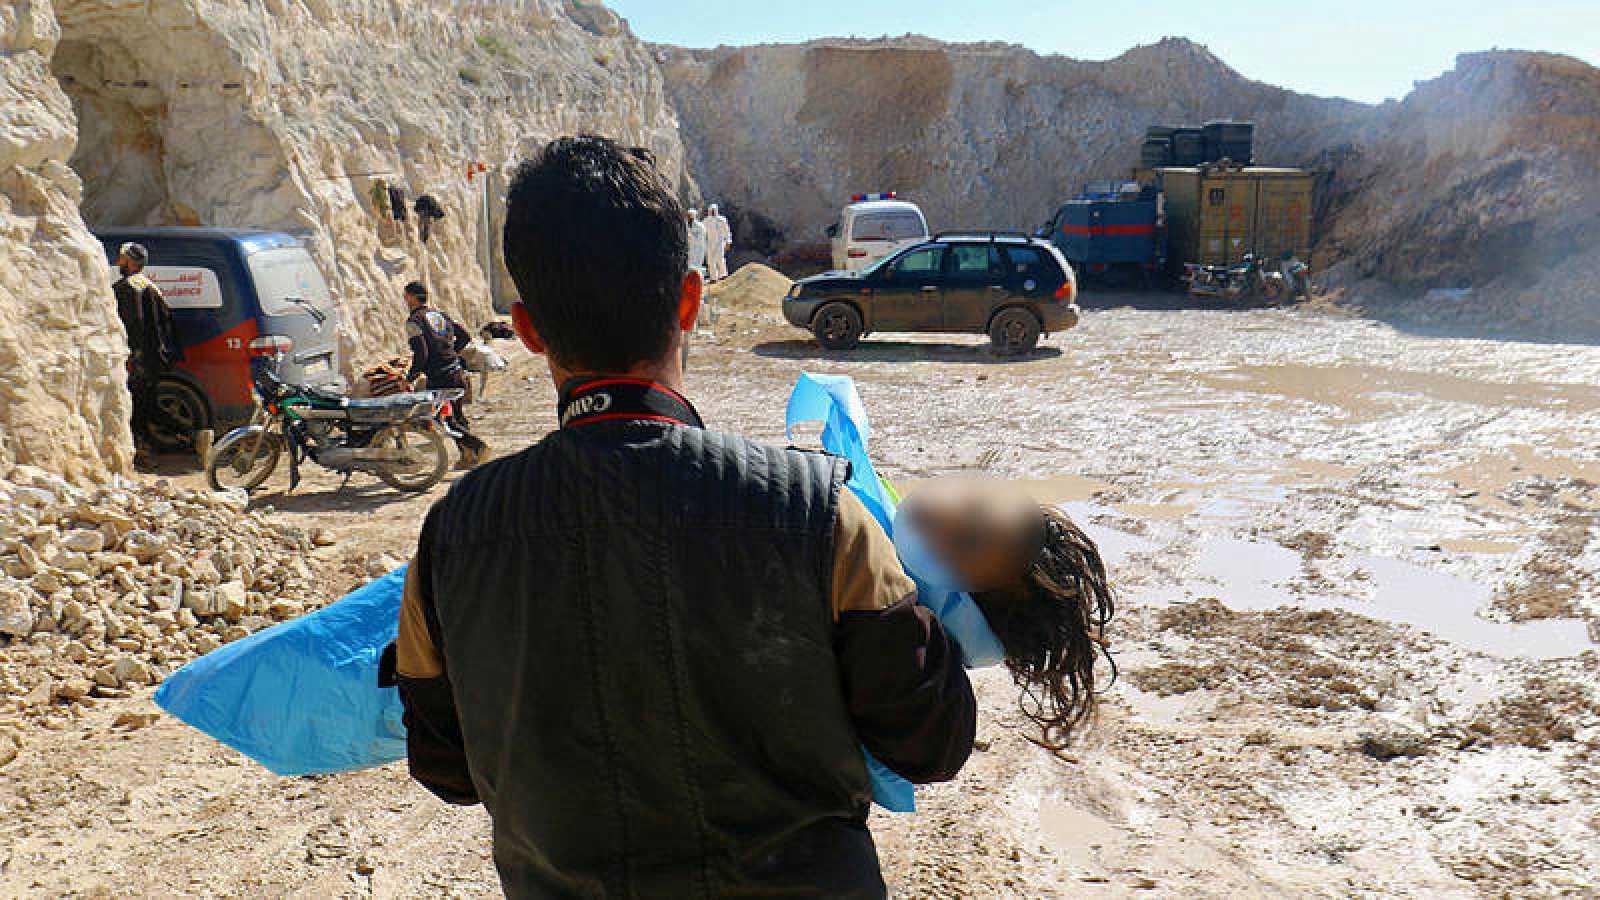 Un hombre rescata el cuerpo sin vida de un niño tras un supuesto ataque químico contra la localidad de Jan Sheijun, en Idleb, Siria.